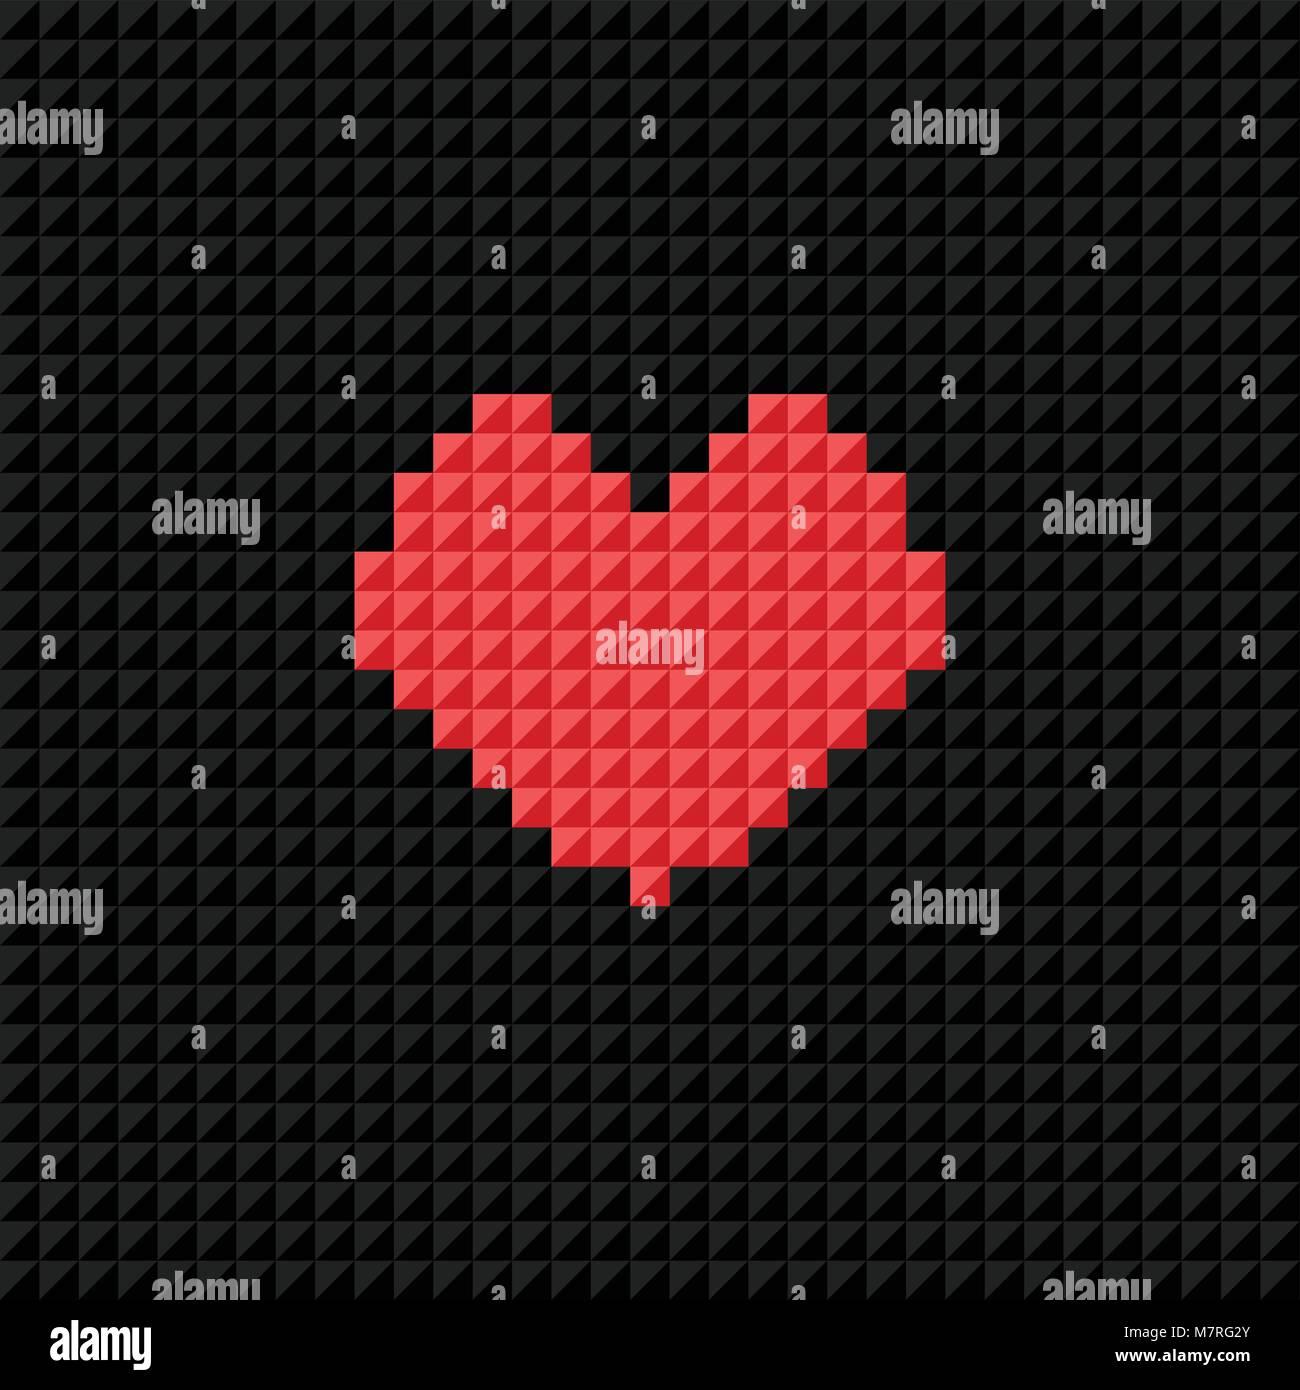 Vector Pixel Art Coeur Sur Fond Des Pixels Noirs Symbole De